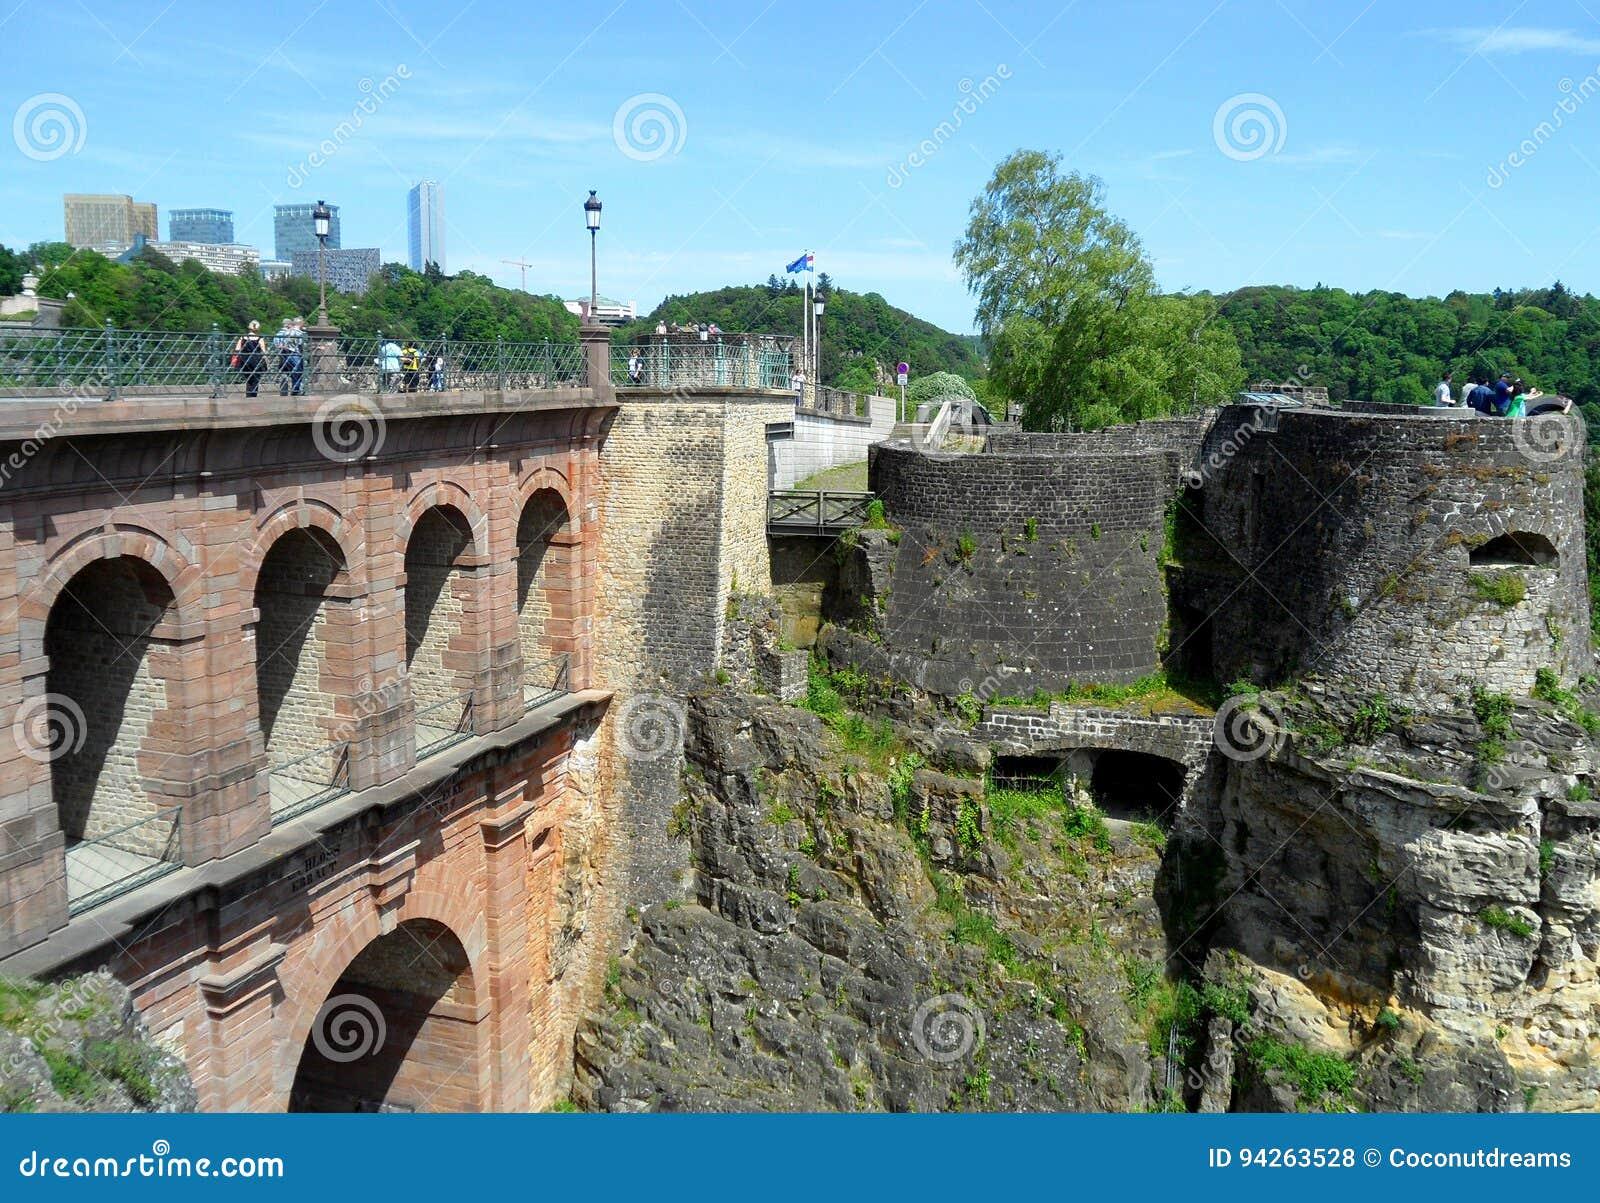 Castlebridge City